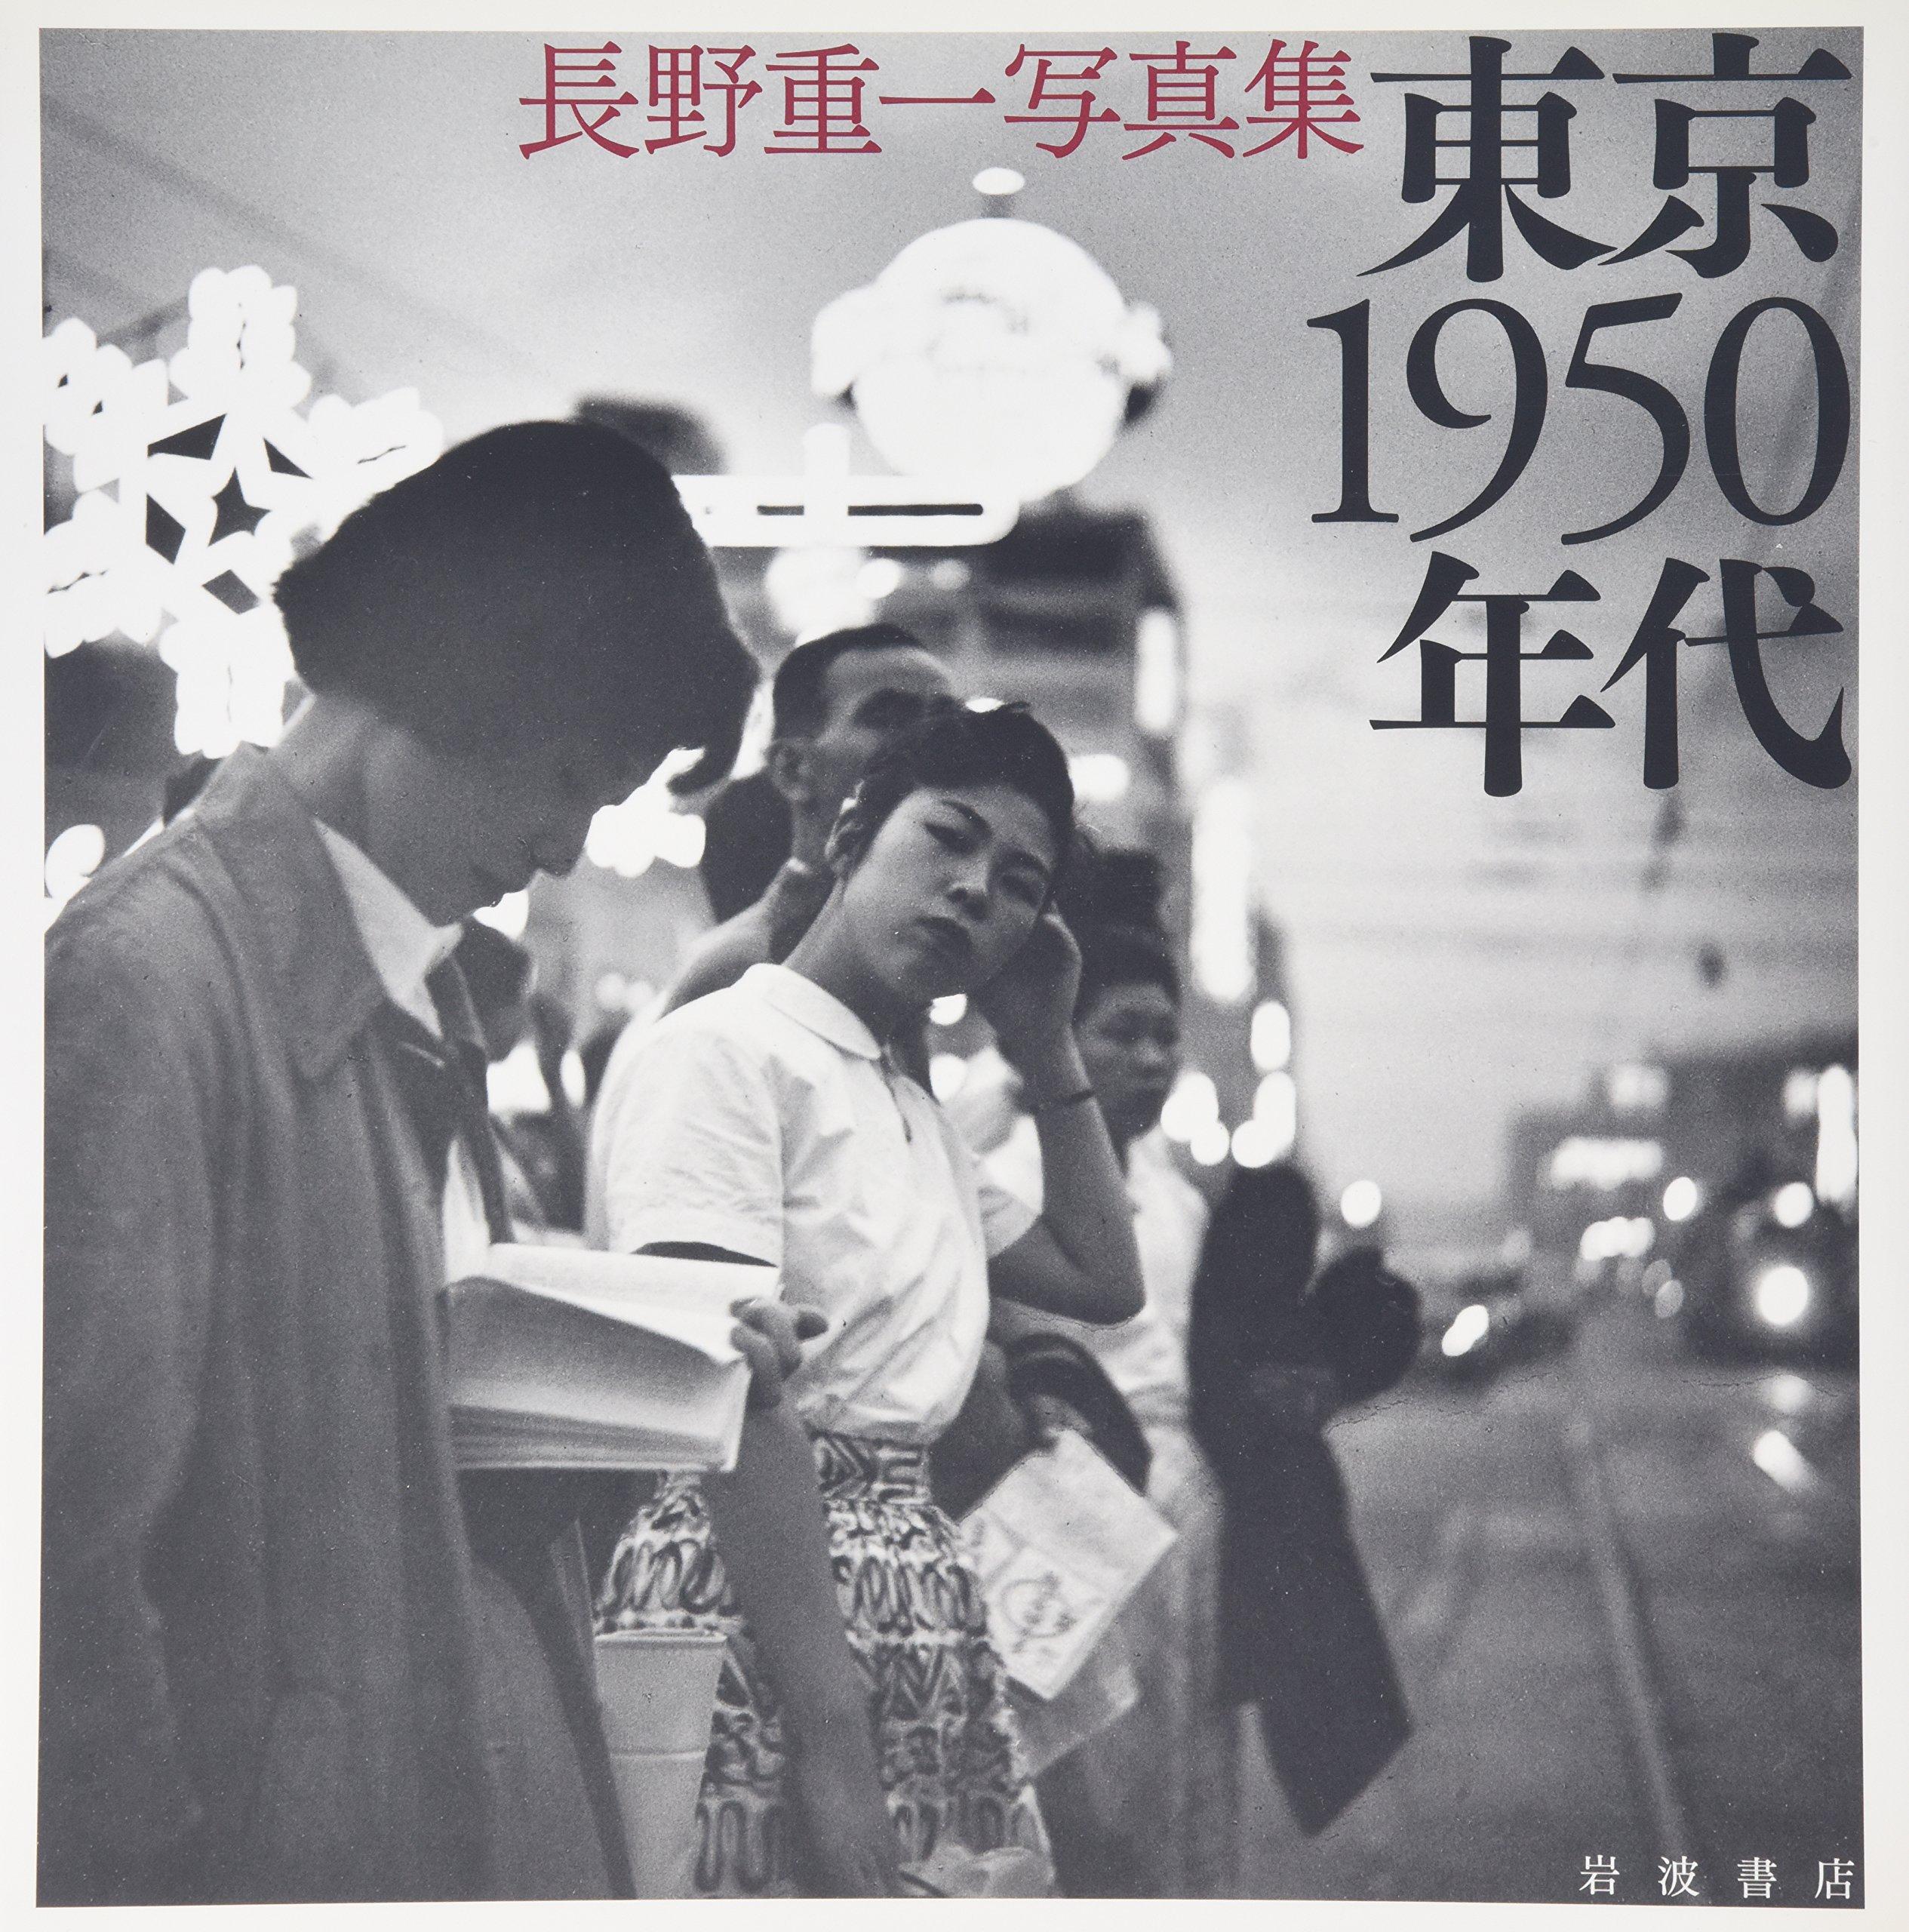 東京1950年代 長野重一写真集 長野 重一 本 通販 amazon